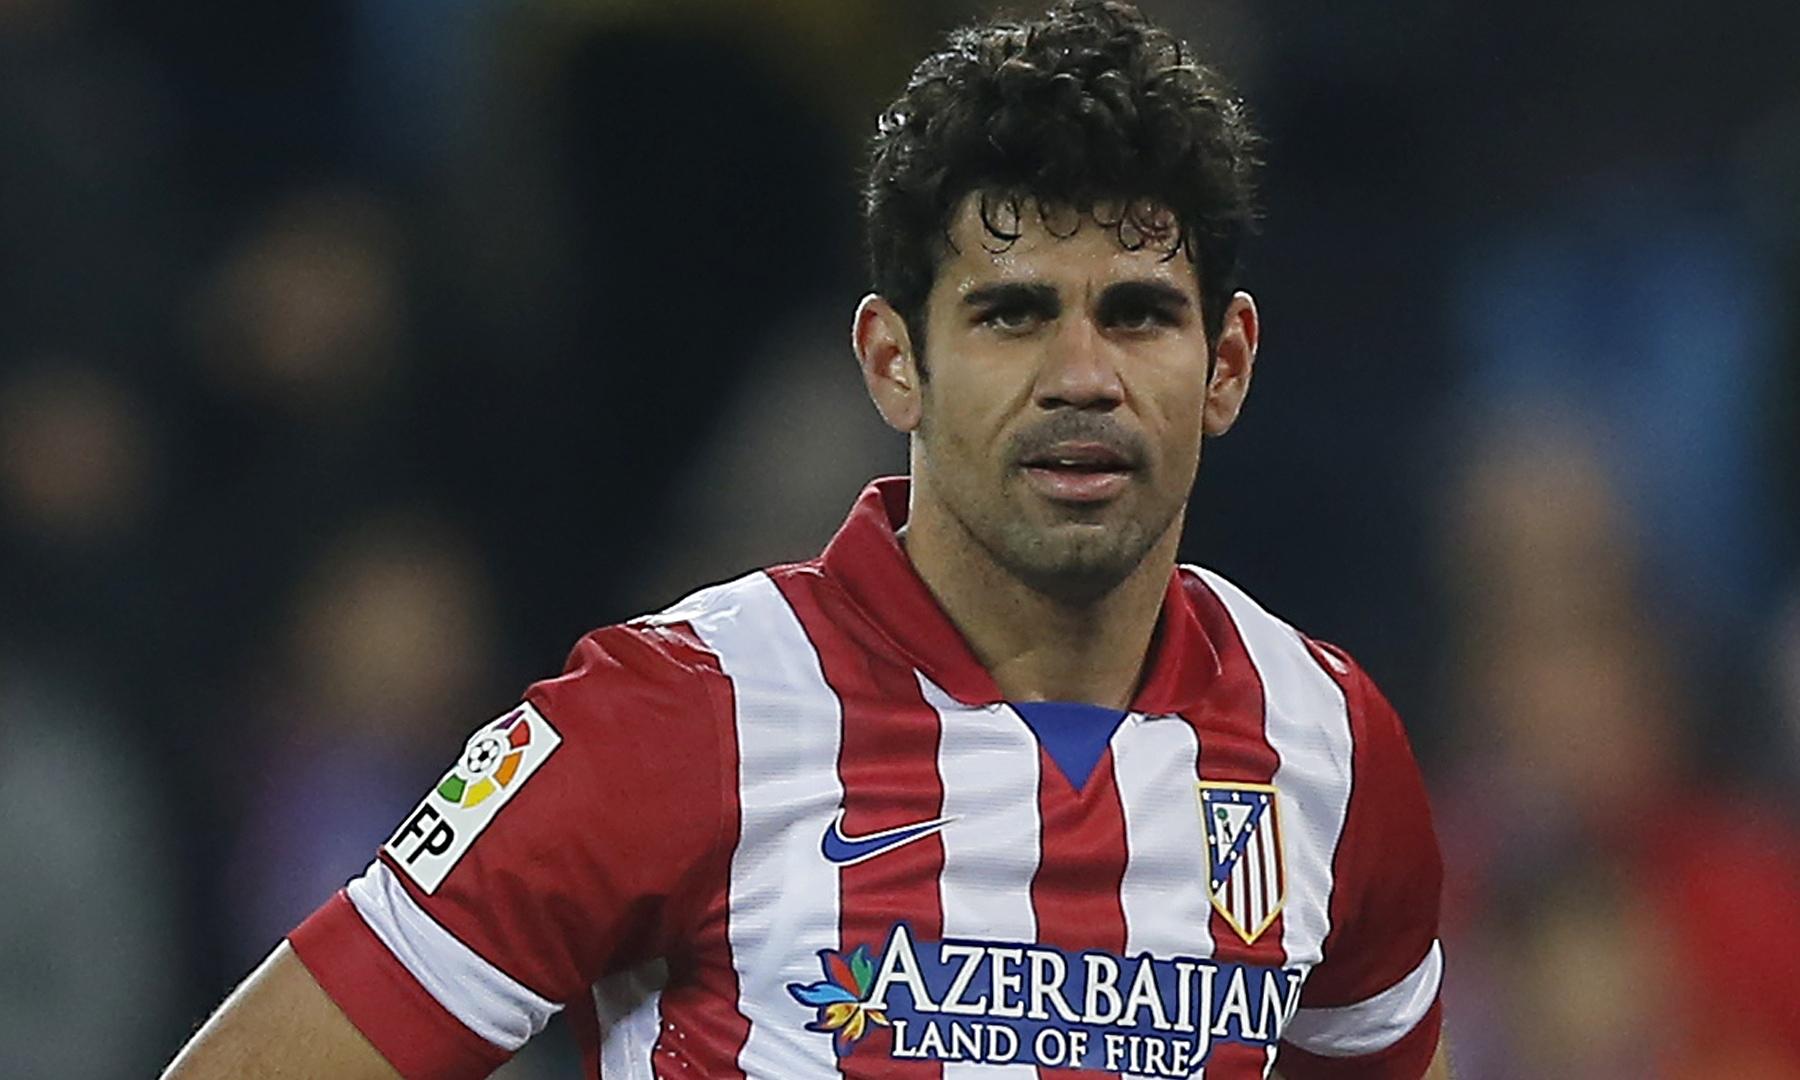 Calciomercato: Diego Costa al Chelsea manca solo l'ufficialità